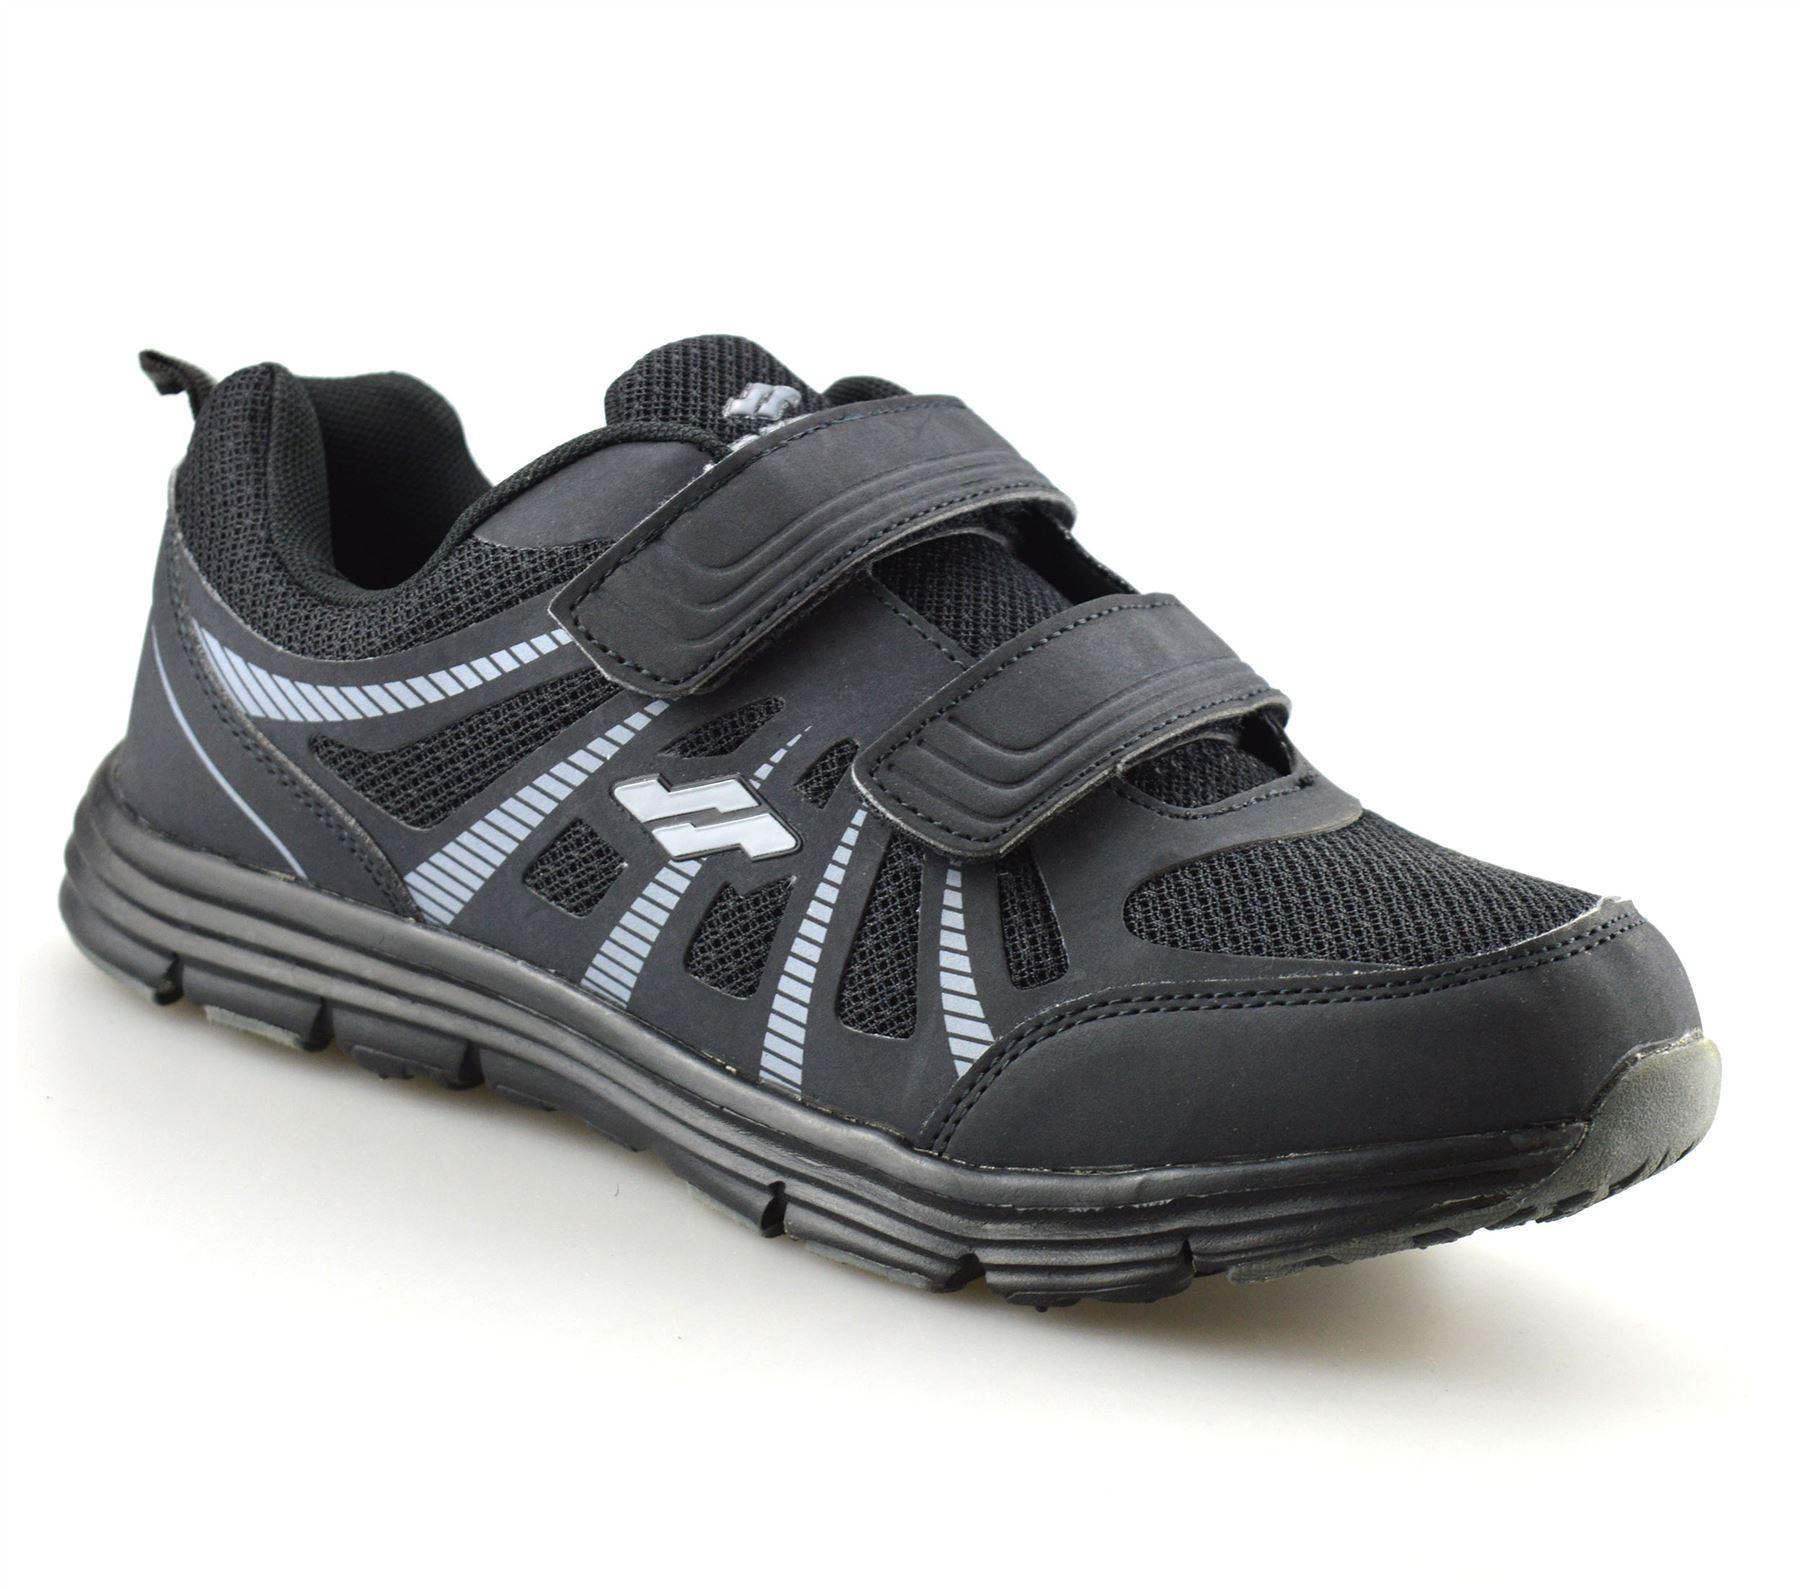 Hombre-Nuevo-Casual-Tactil-Correa-Pasear-Running-Gimnasio-Deportes-Ninos-Zapatillas-Zapatos-Talla miniatura 10